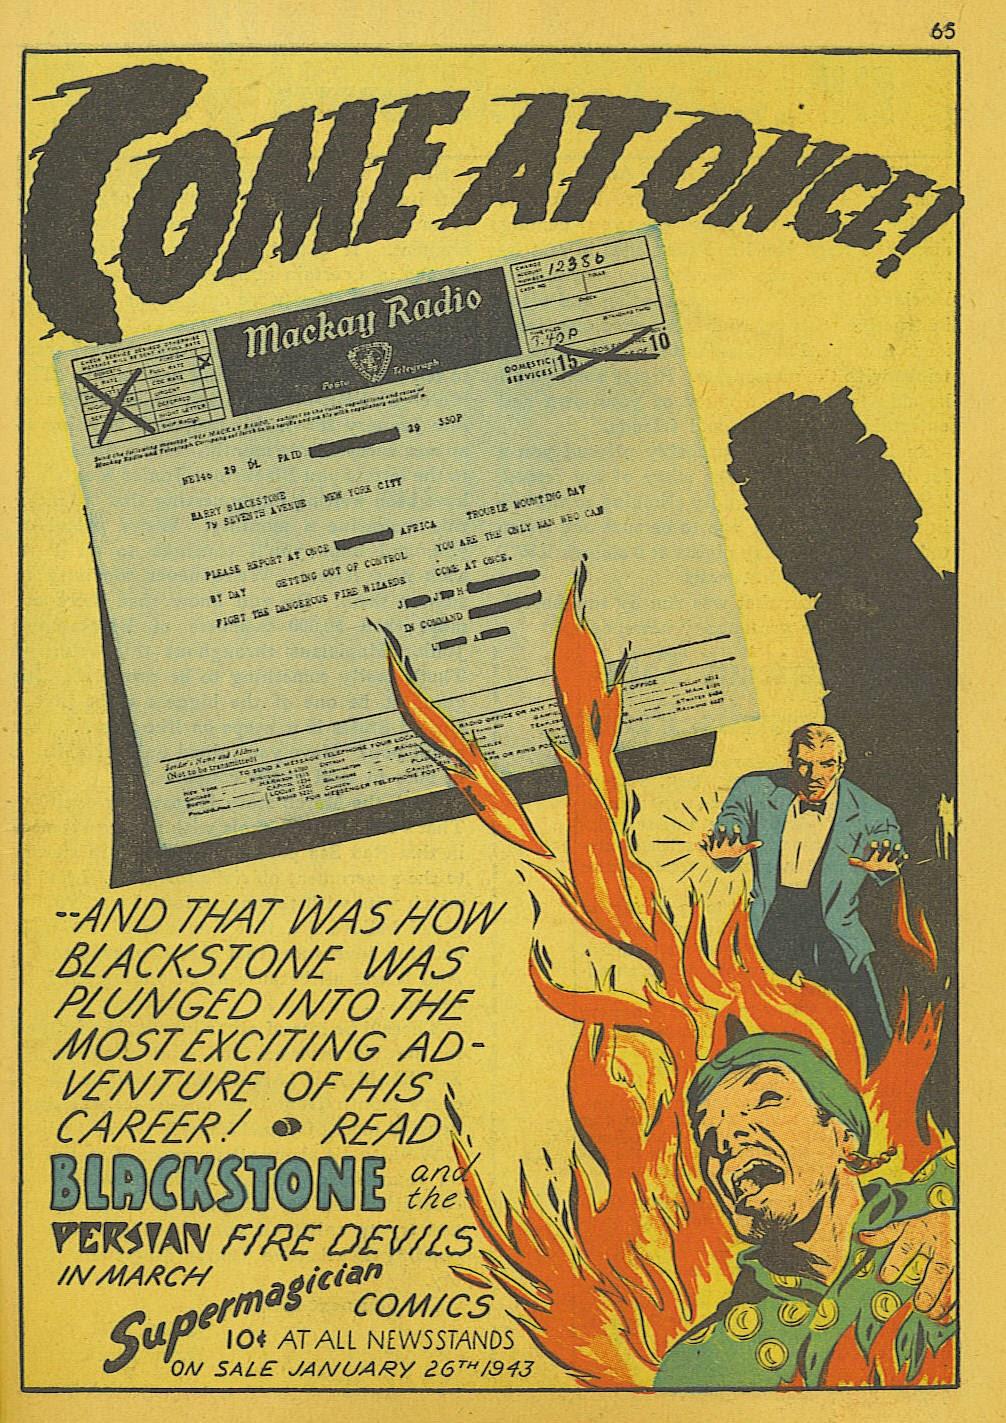 Read online Super-Magician Comics comic -  Issue #10 - 65